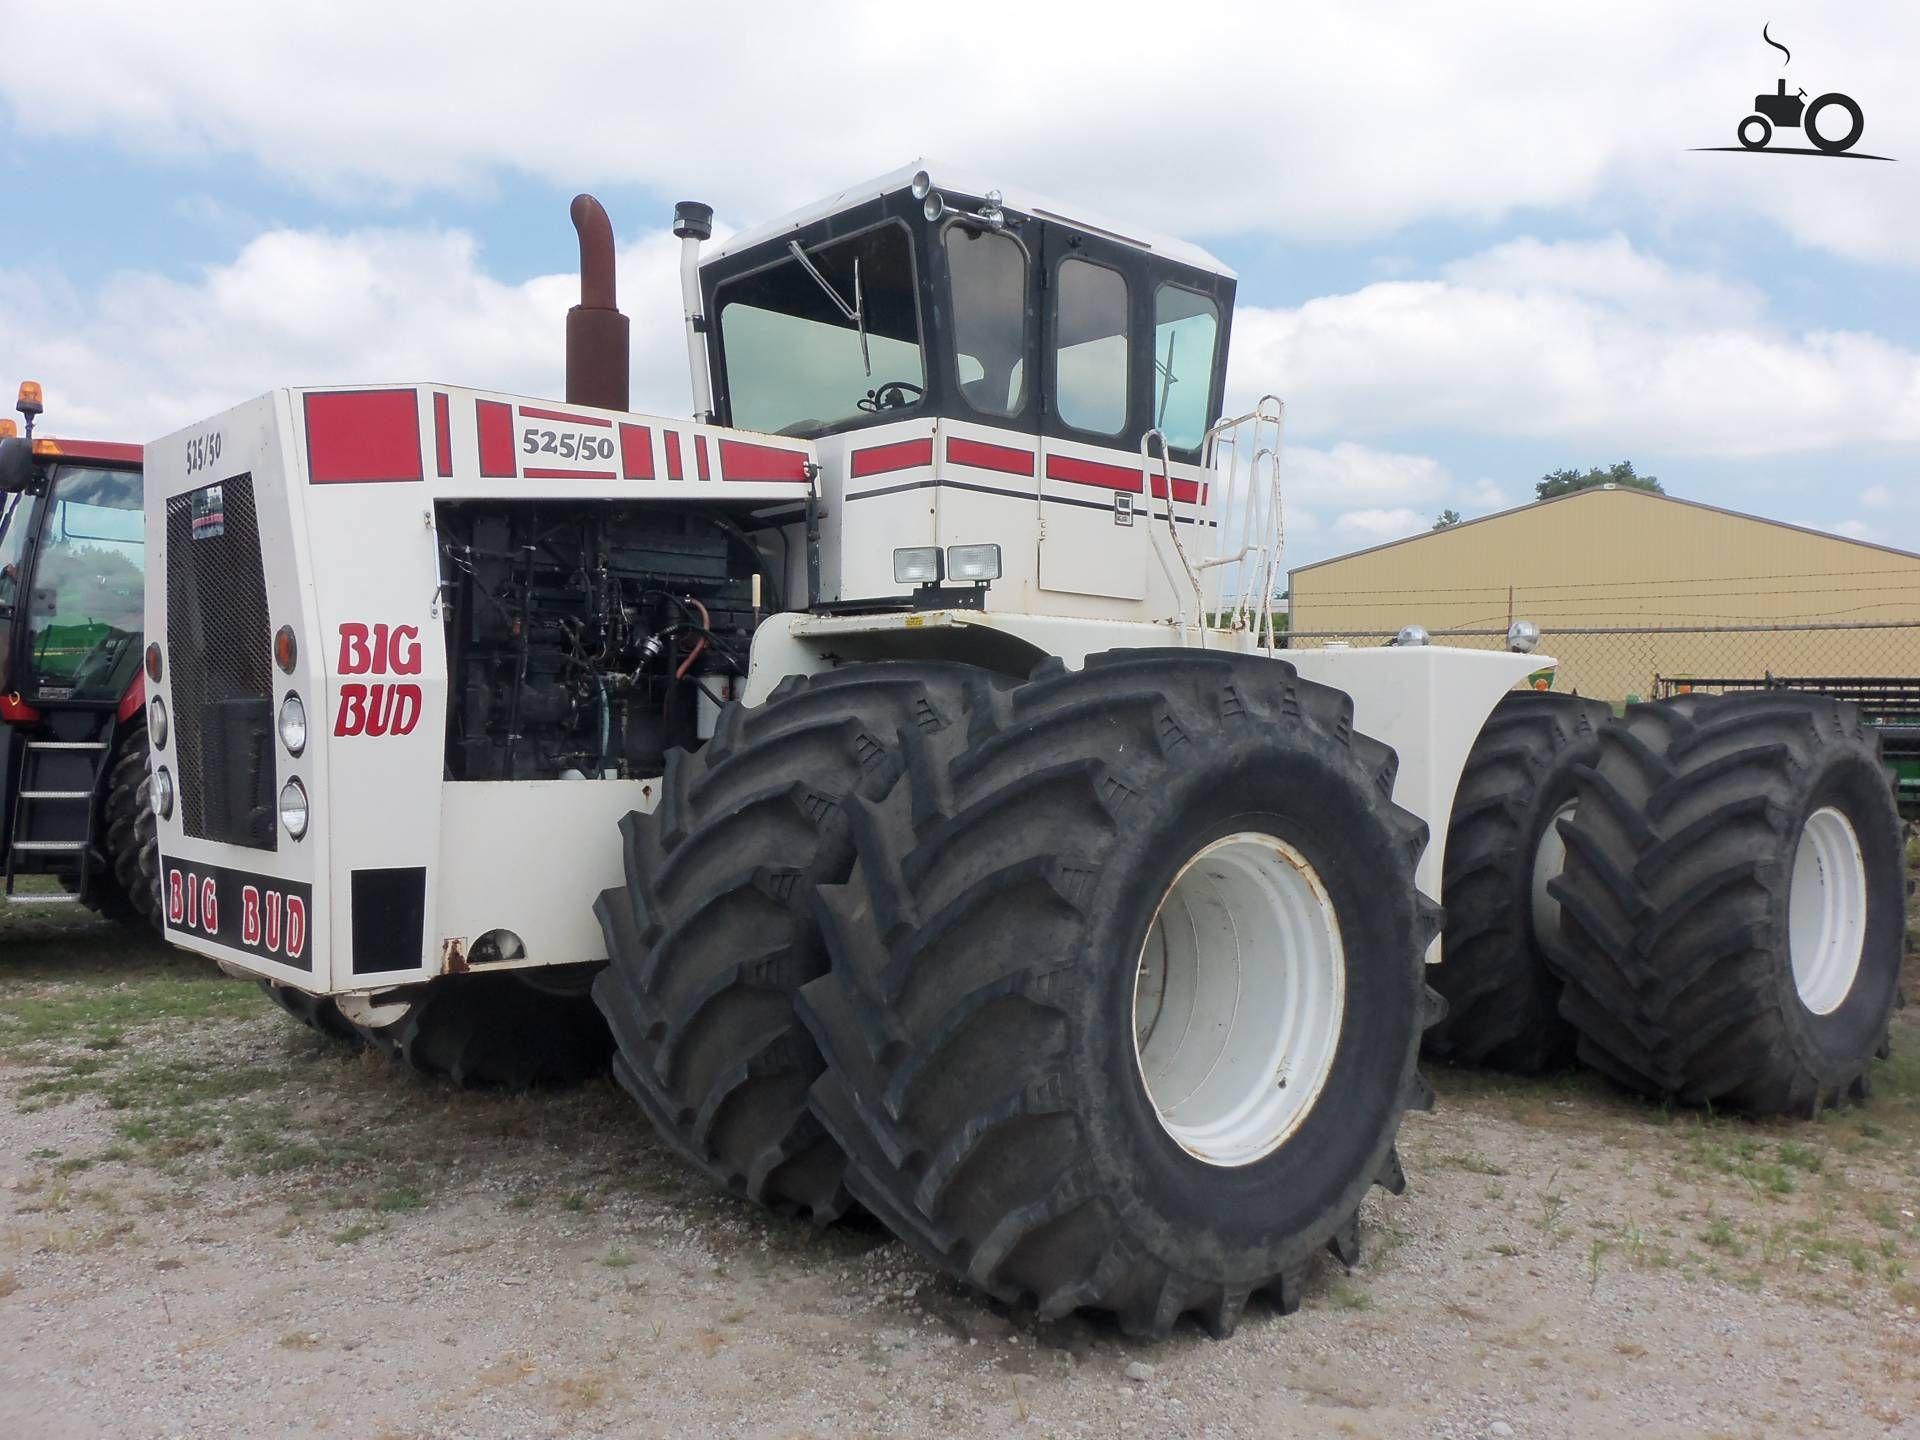 Big Bud 525 50 Bezig Met Poseren This Comes With Over 10 000 Hours On It And Is A 1981 Model Geplaatst Door Marion5900 Op 23 07 2 Tractor Voertuigen Landbouw